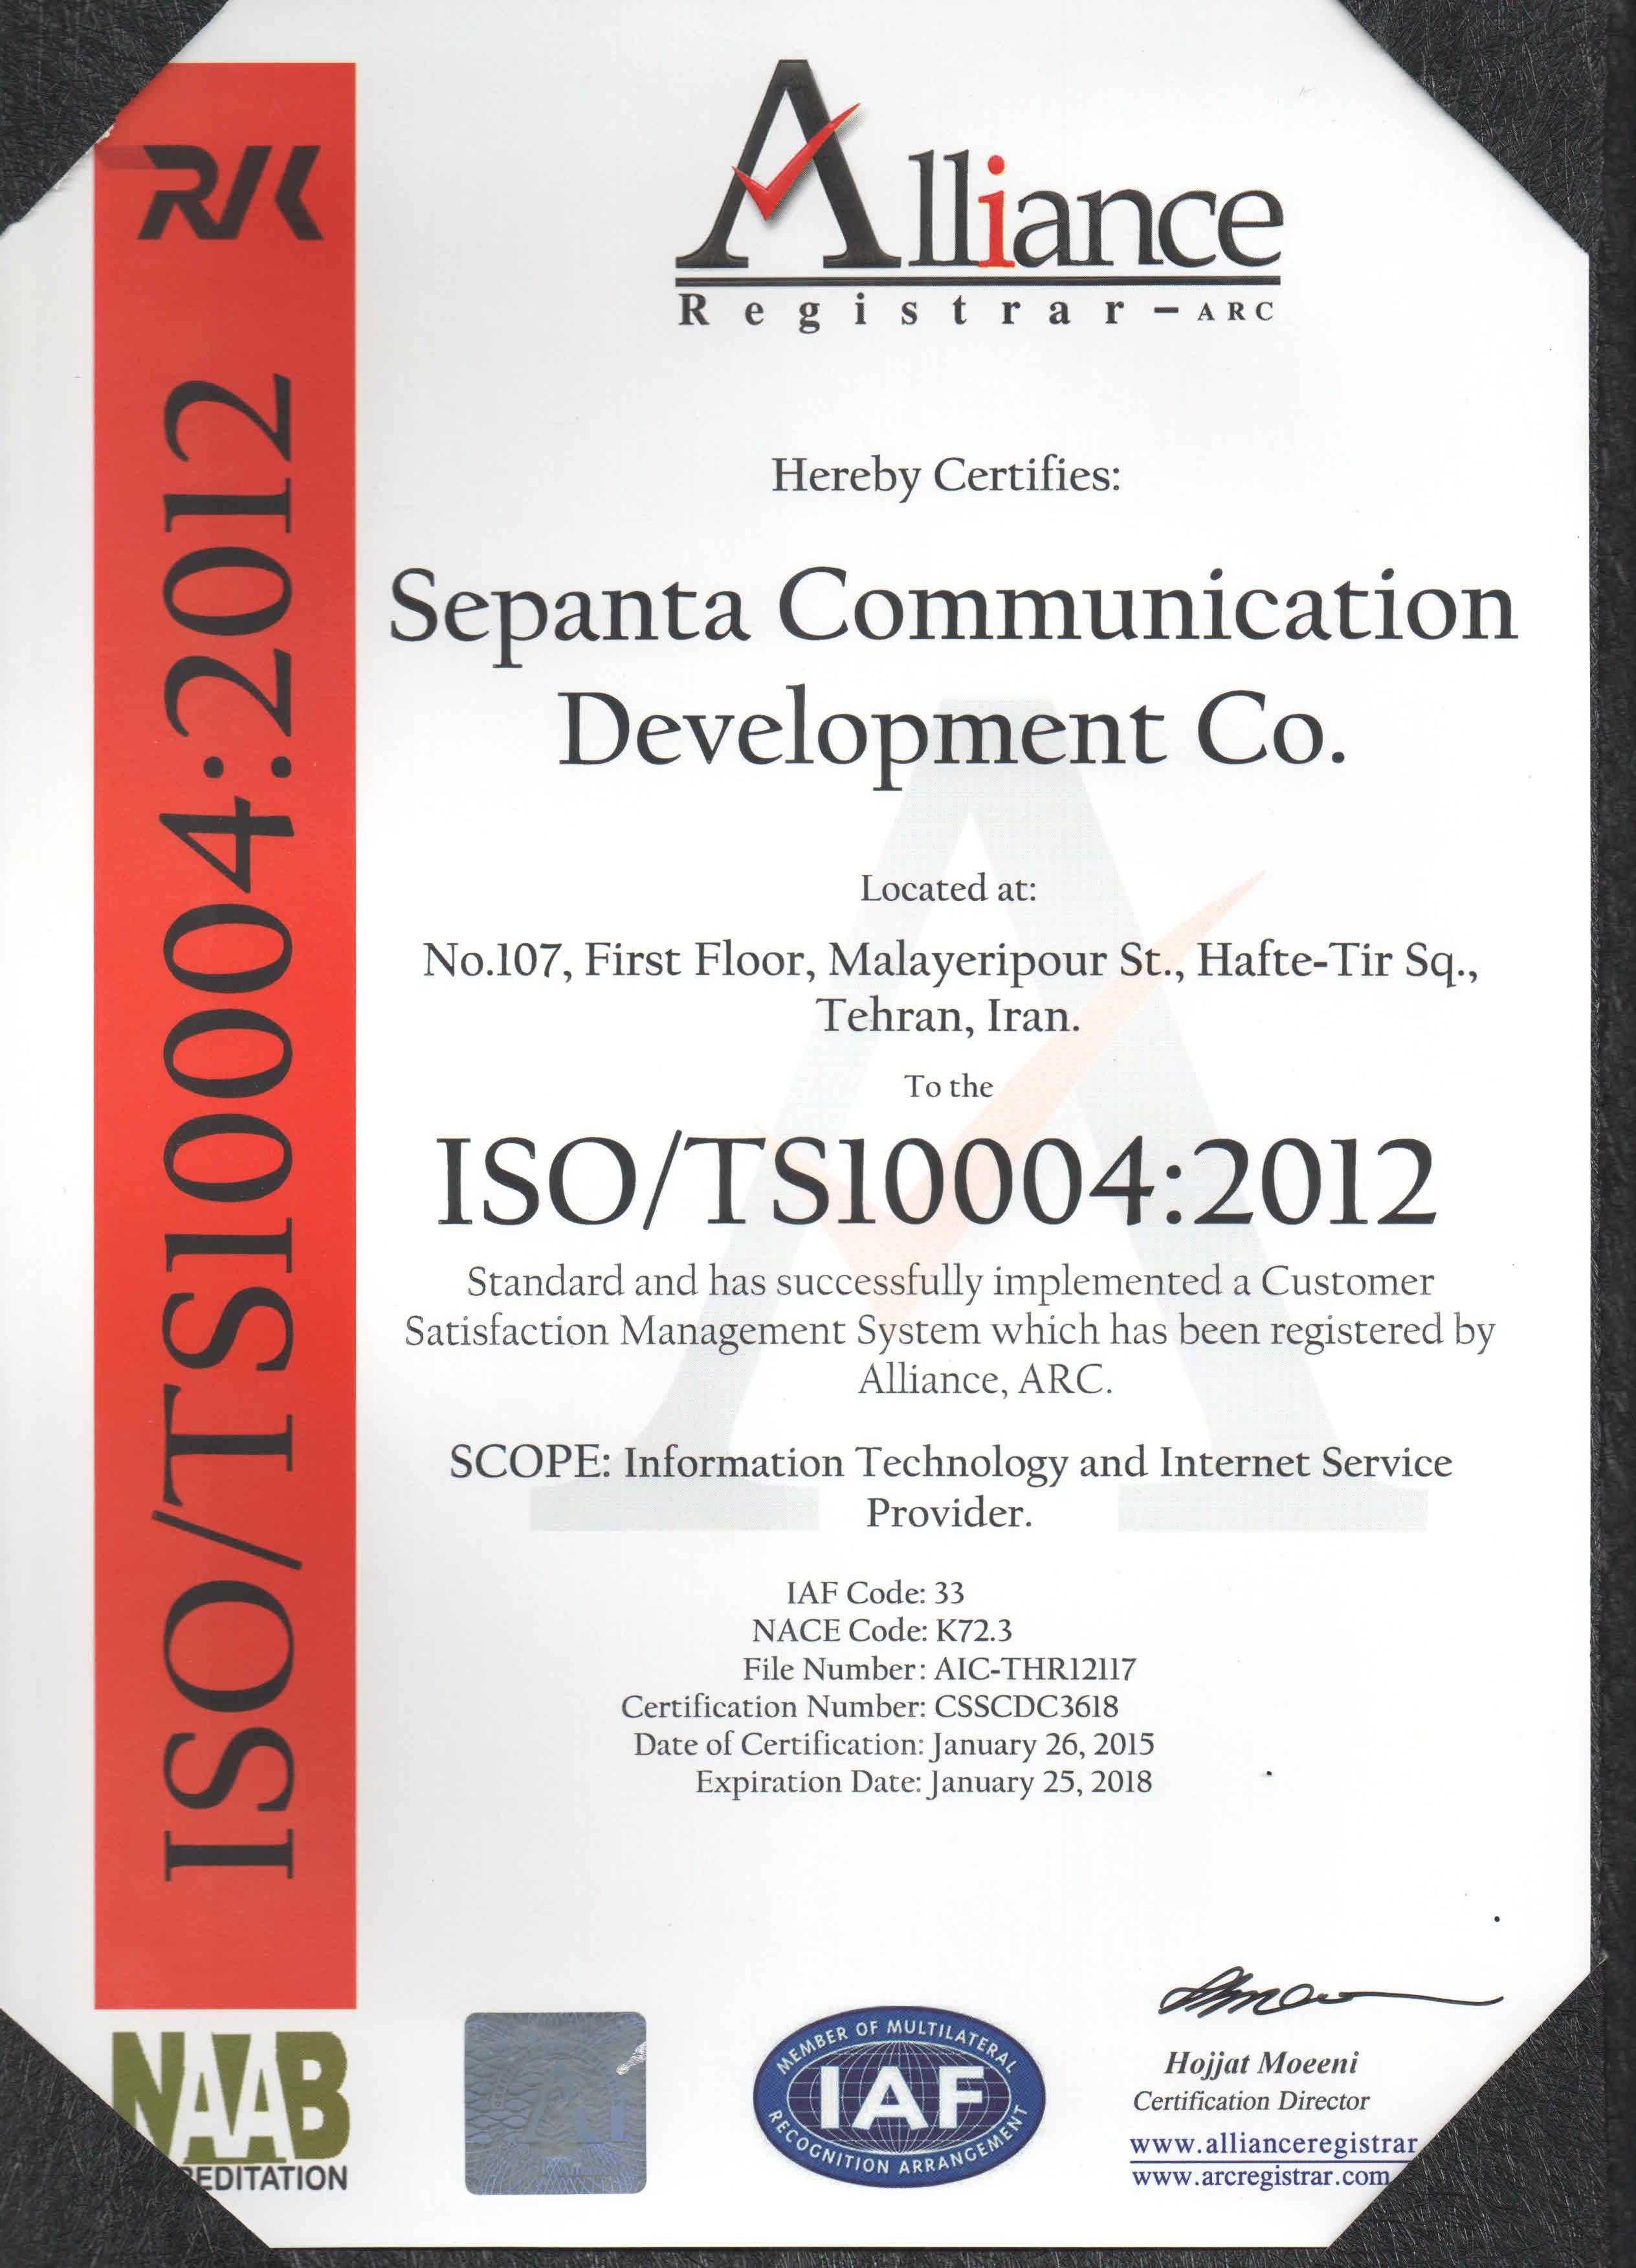 گواهی نامه ISO/TS10004:2012 از شرکت Alliance